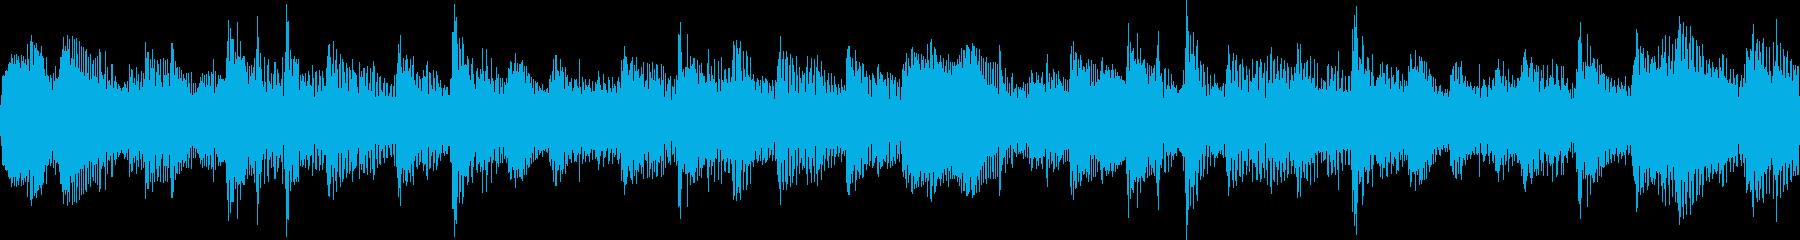 風を感じる爽快なアコギのBGM(ループ)の再生済みの波形